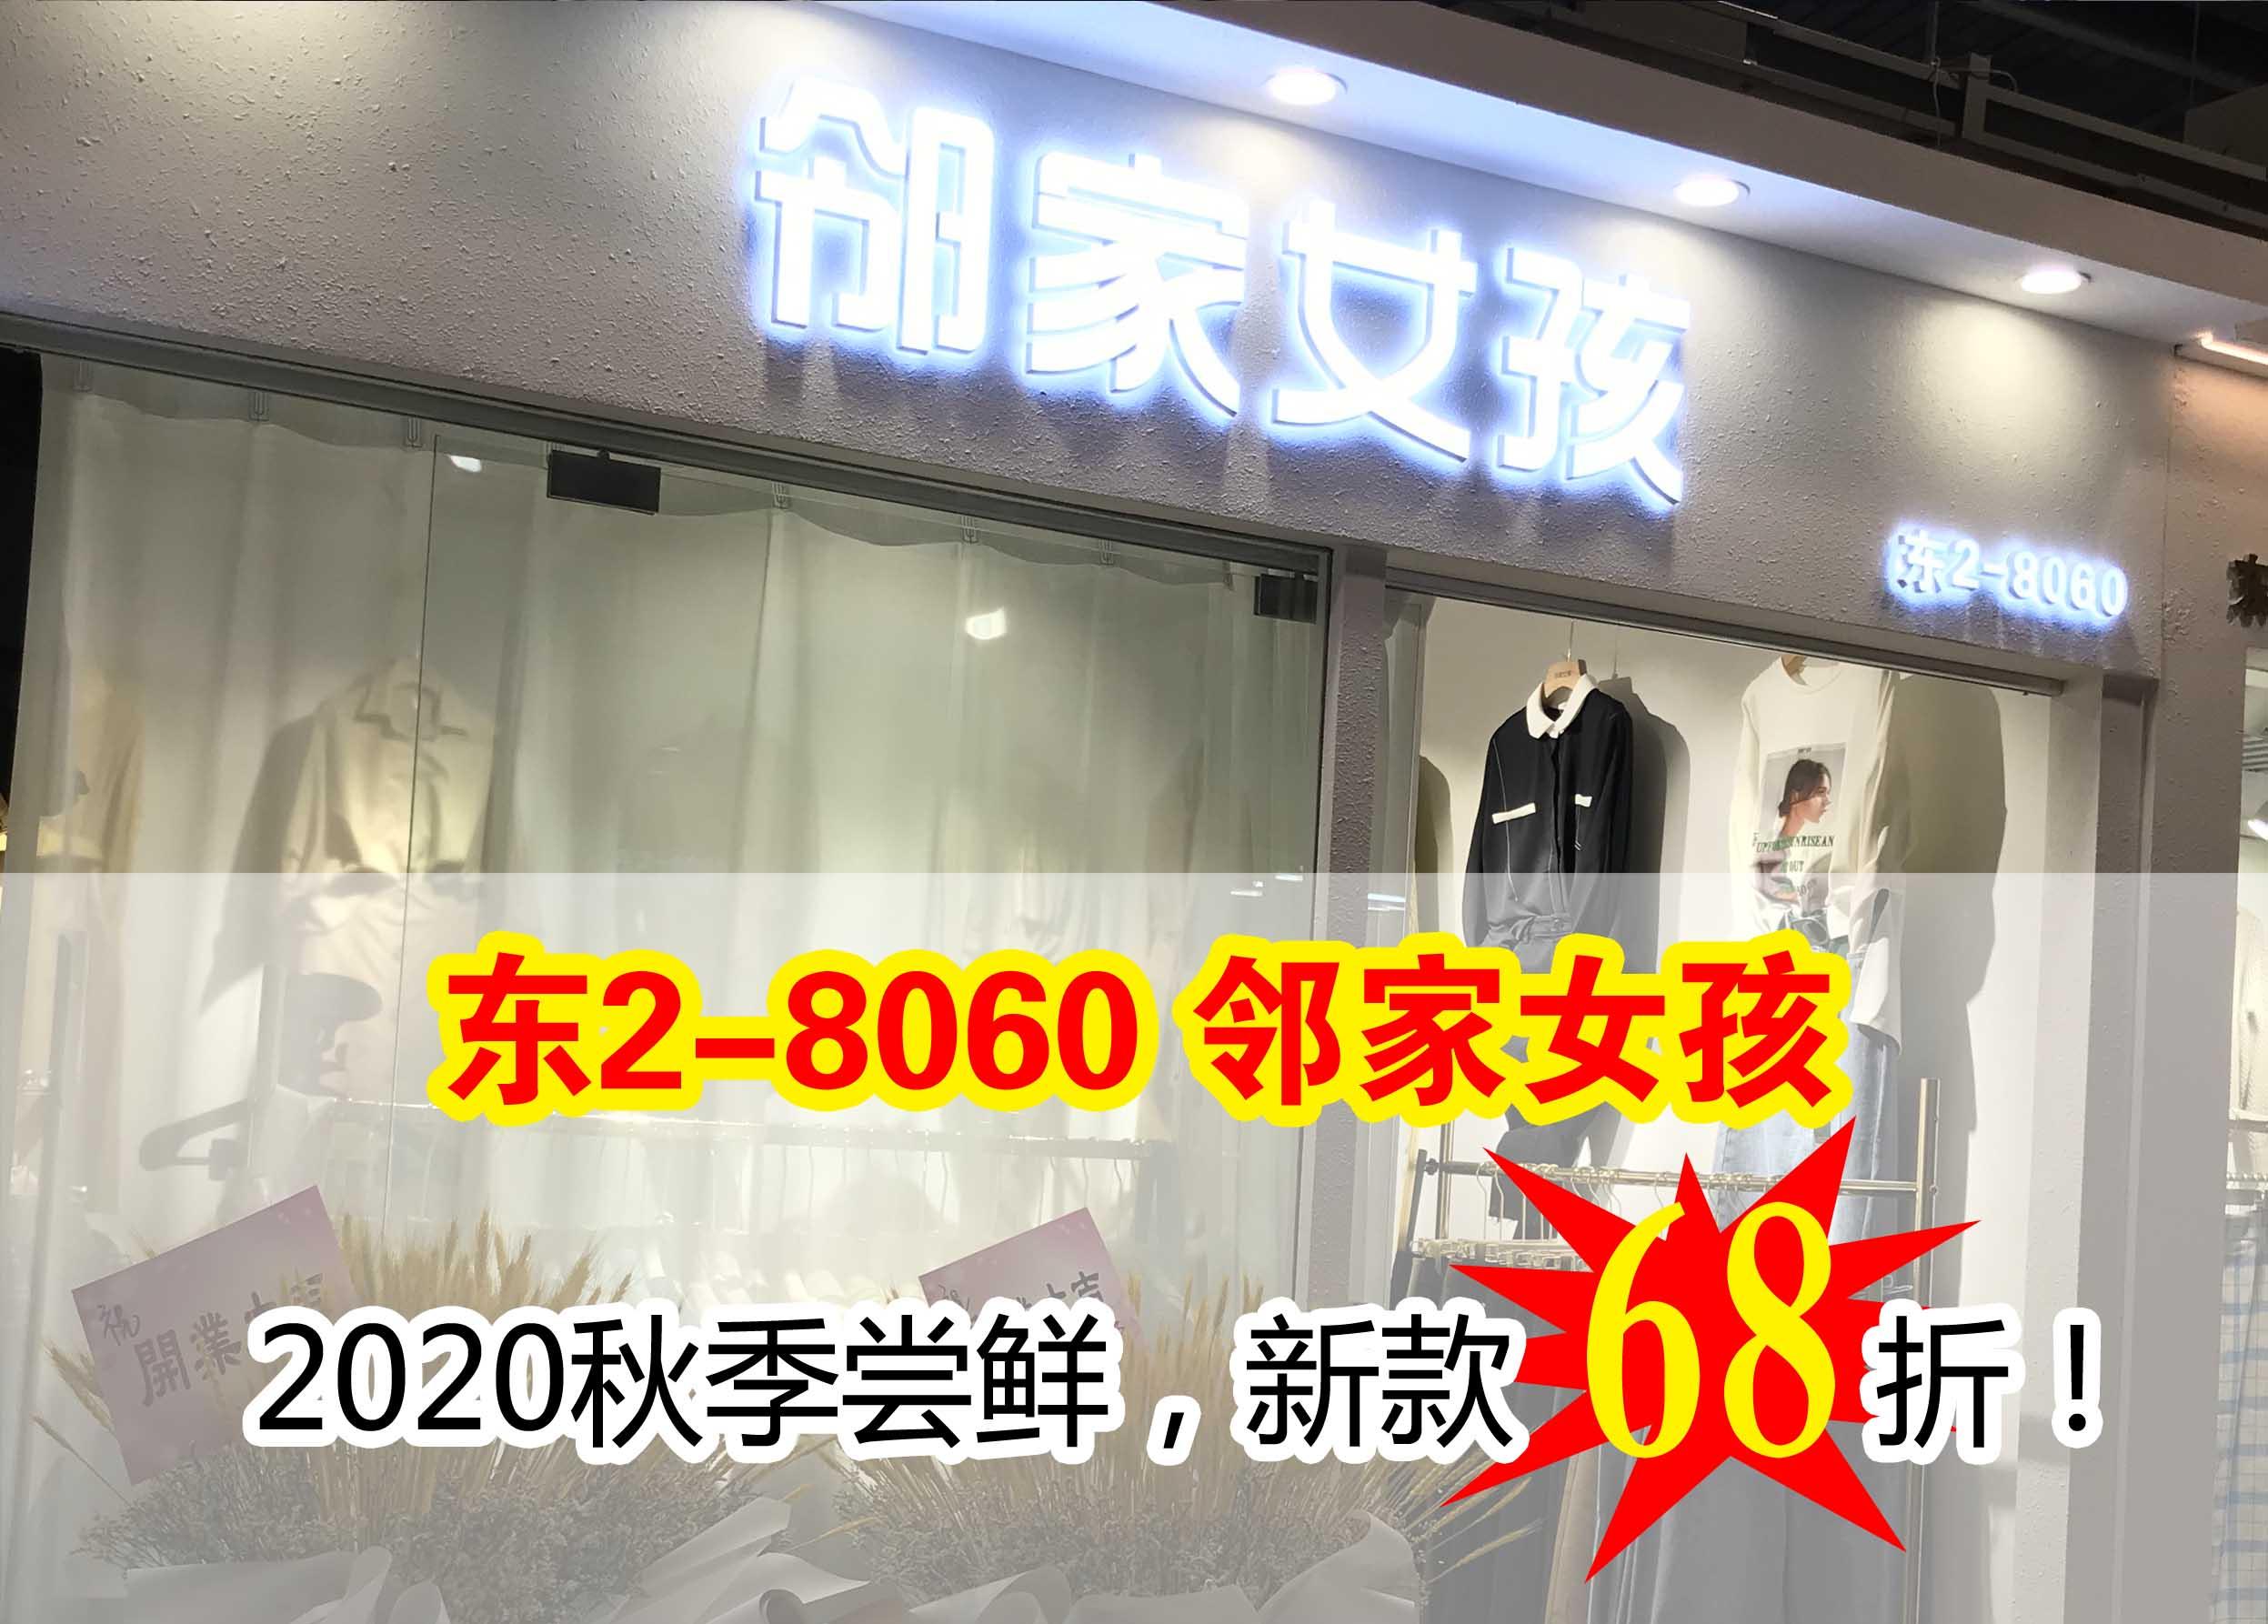 欧亿3娱乐注册时装城特色店铺推介-东2-8060邻家女孩